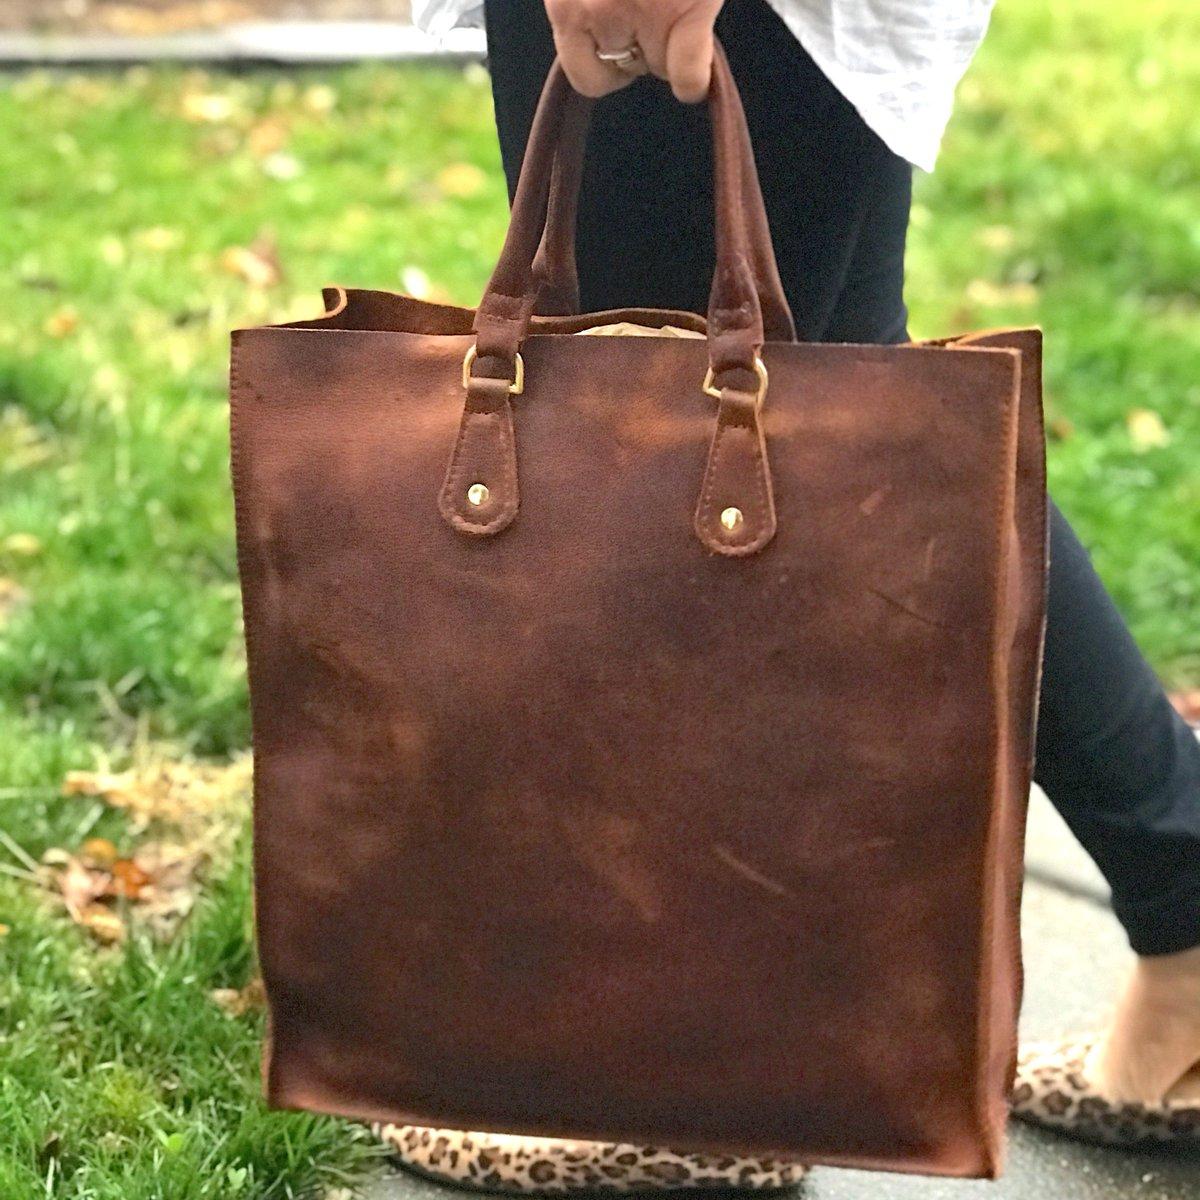 2bb51e61d7 ... Handmade Full grain Leather Goods. Made in USA